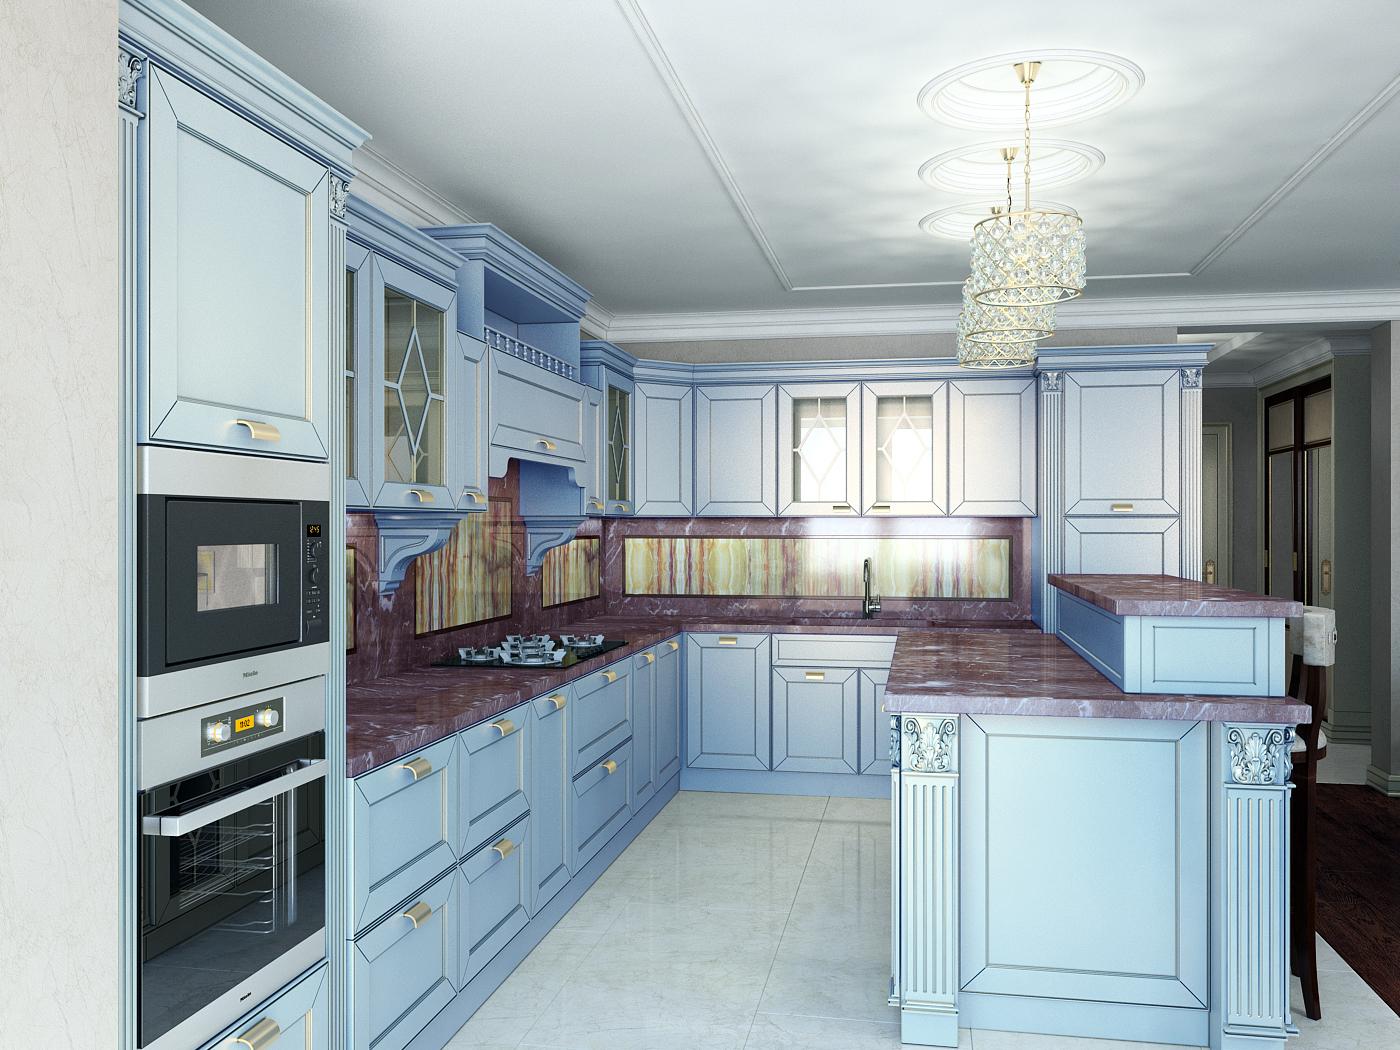 """Проект Кухни - Гостиной на 1 этаже таунхауса в КП """"Суханово Парк"""""""